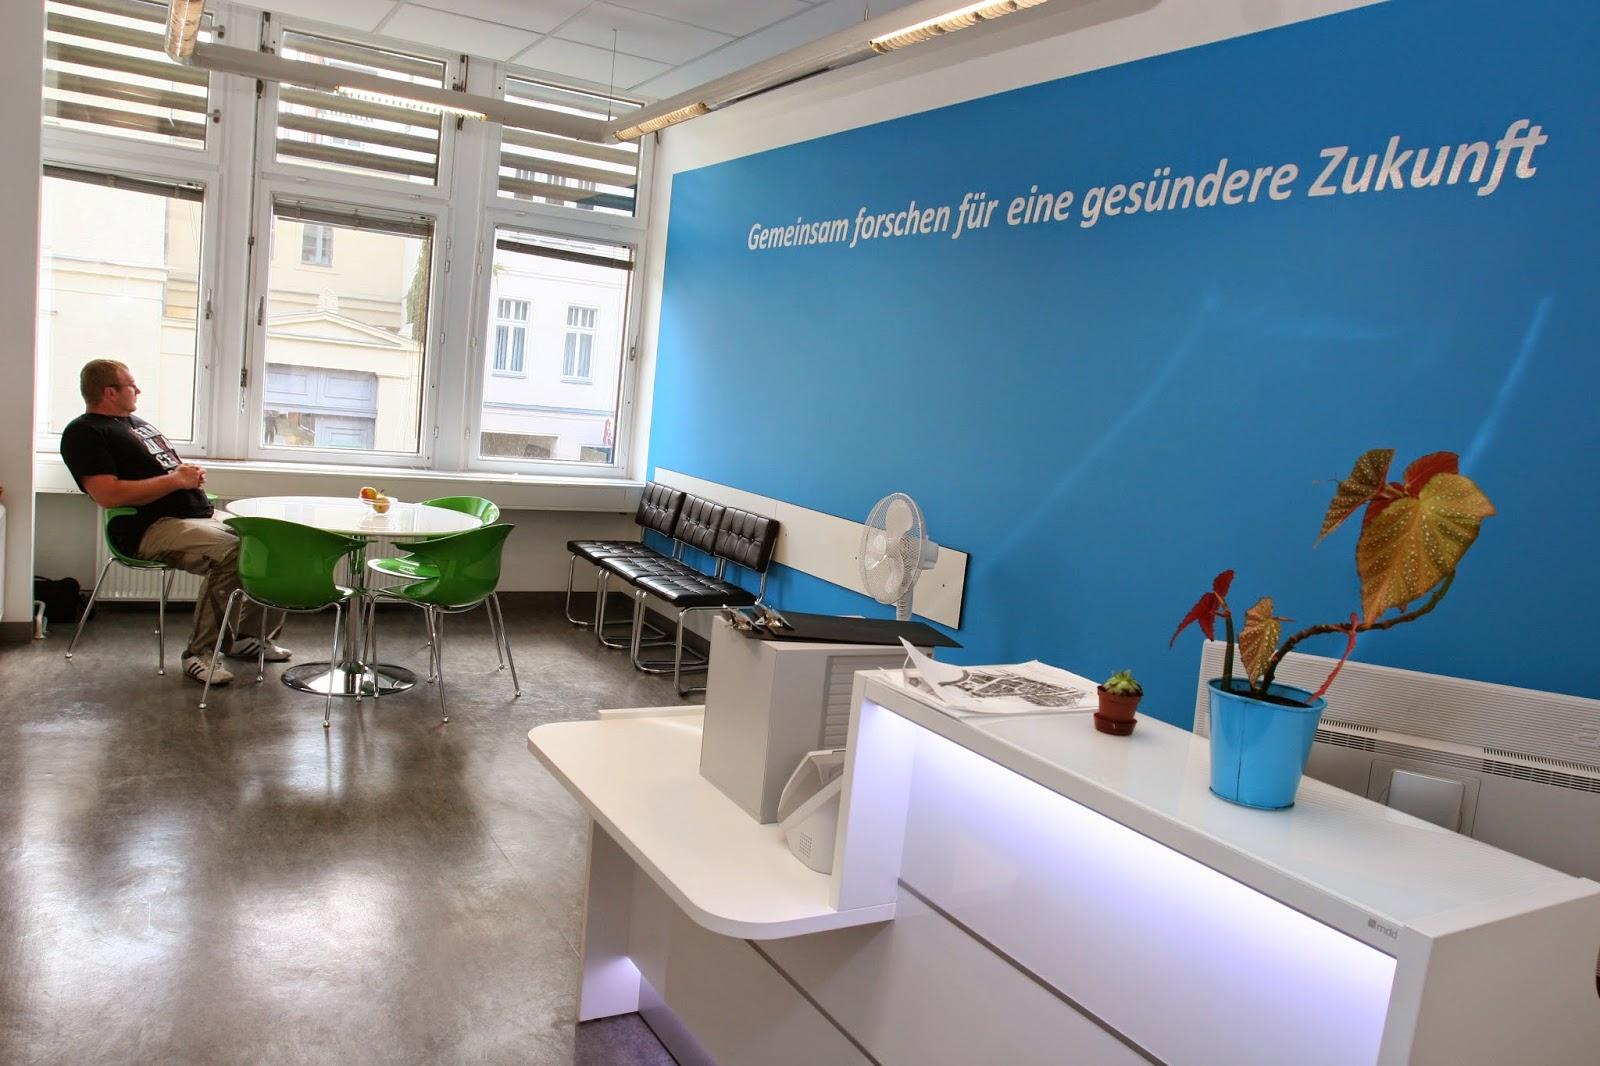 colour up your office charit berlin mit neuen empfangsm beln und wartezonenst hlen und. Black Bedroom Furniture Sets. Home Design Ideas